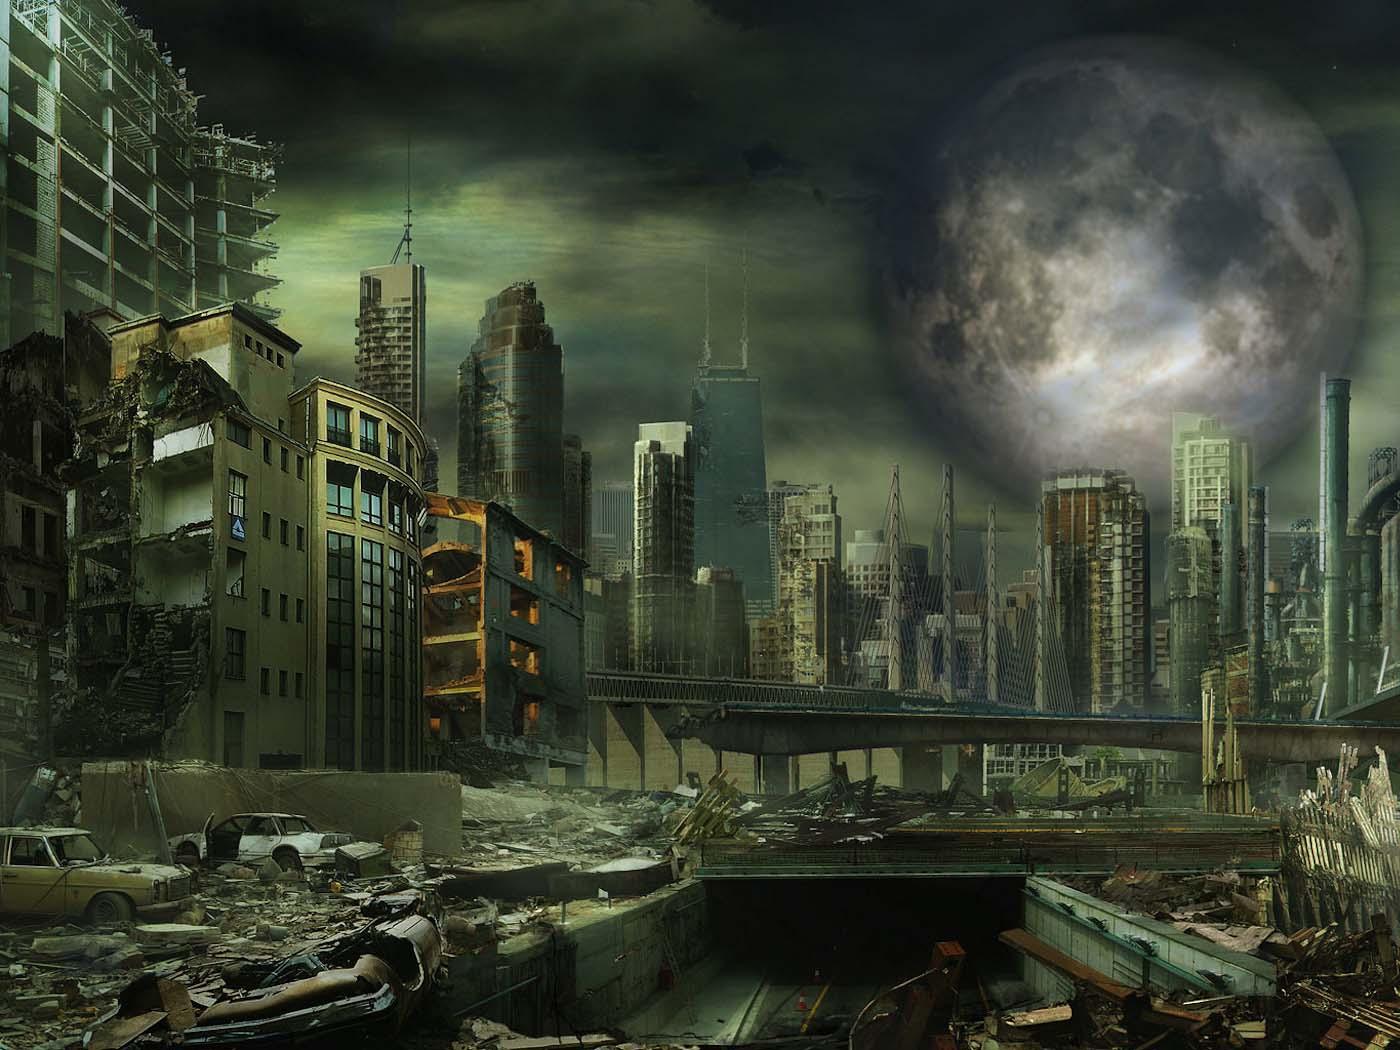 La Superluna del 23 de junio puede desencadenar graves desastres naturales - La Superluna del 23 de junio puede desencadenar graves desastres naturales